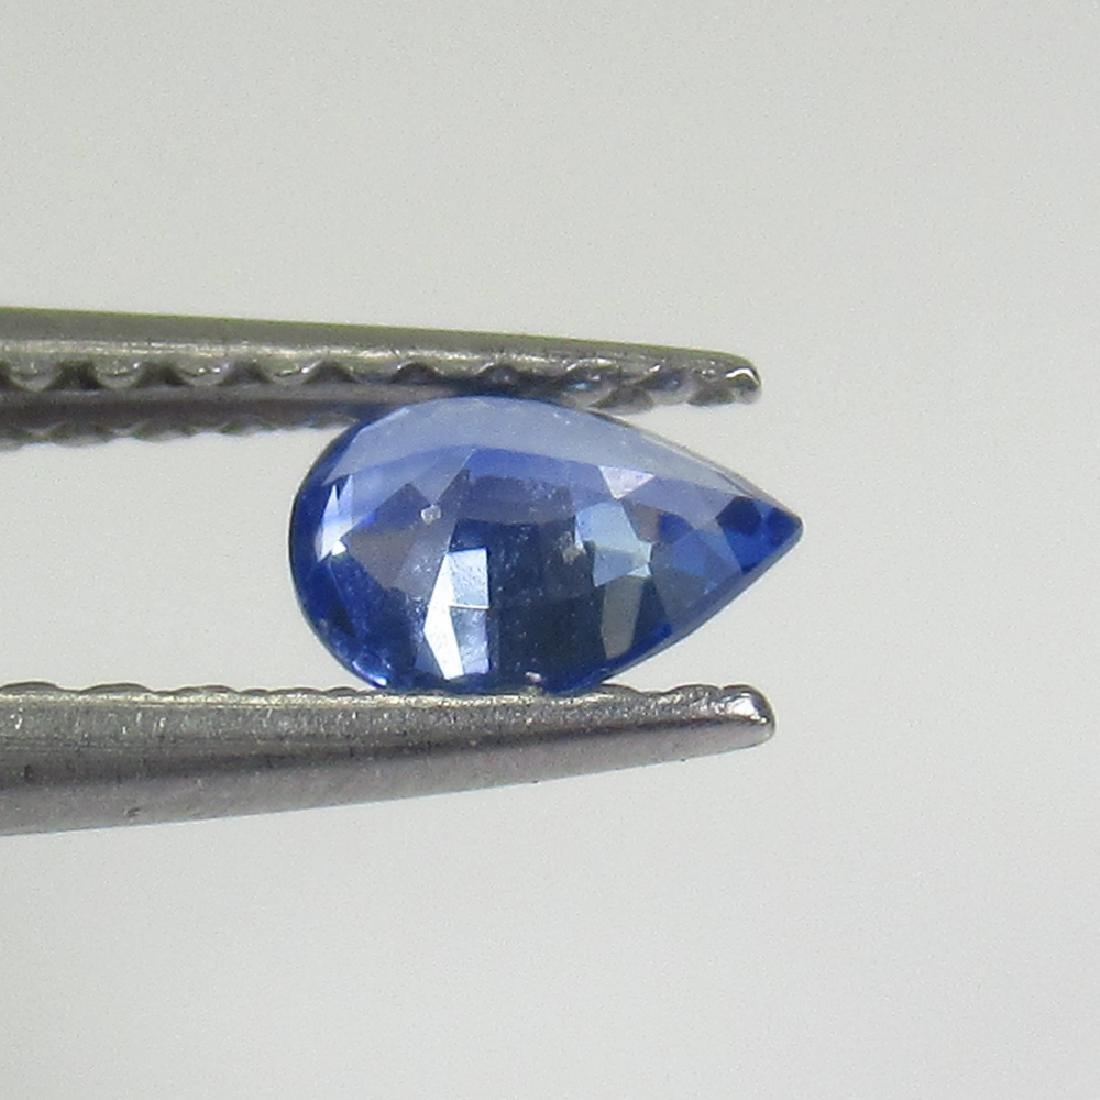 0.32 Ctw Natural Ceylon Blue Sapphire Pear Cut - 2